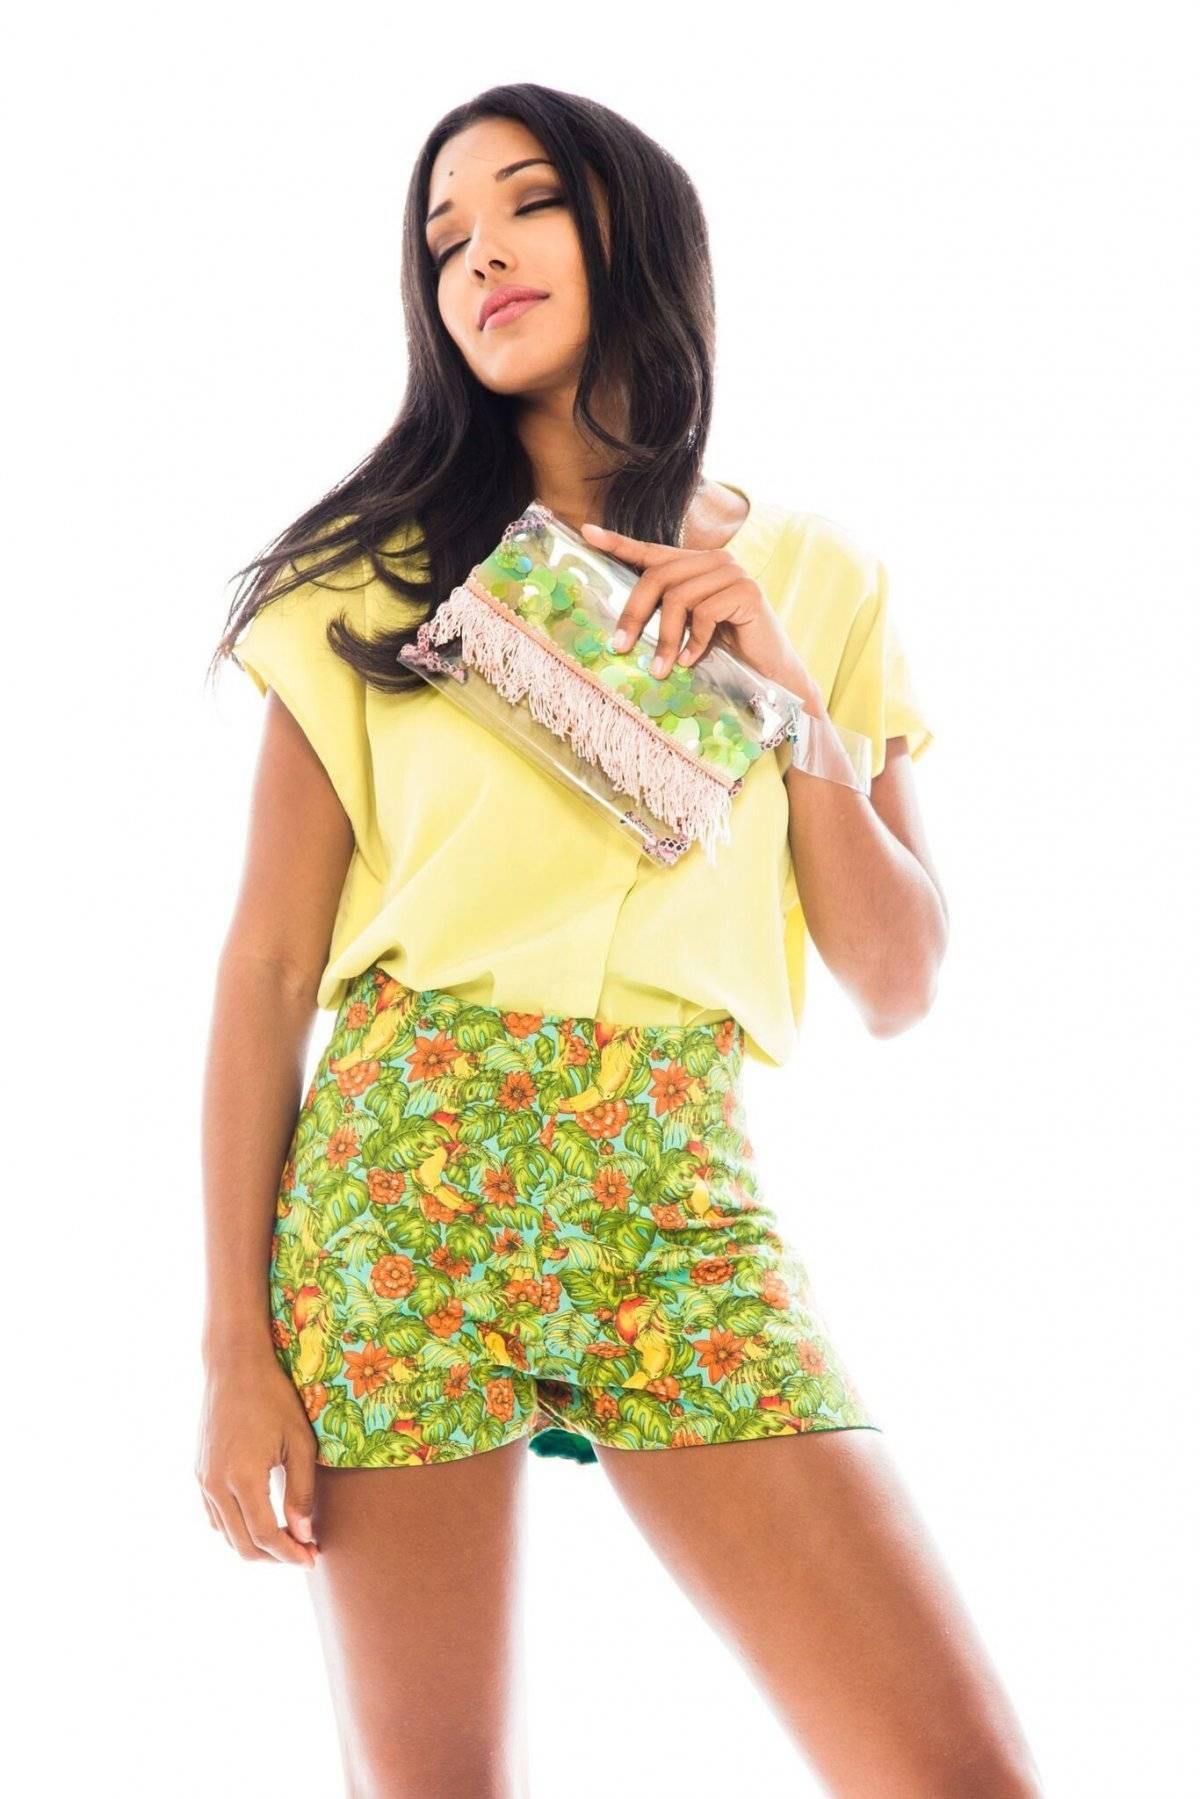 Alrededor de 40 diseñadores forman parte del colectivo de Aguja Local. La tienda en línea ofrece una extensa variedad de productos, desde piezas de vestir hasta accesorios, como el nuevo Puerto Rico Necklace Unisex en piel negra y mapa en plata esterlina. / Agujalocal.com